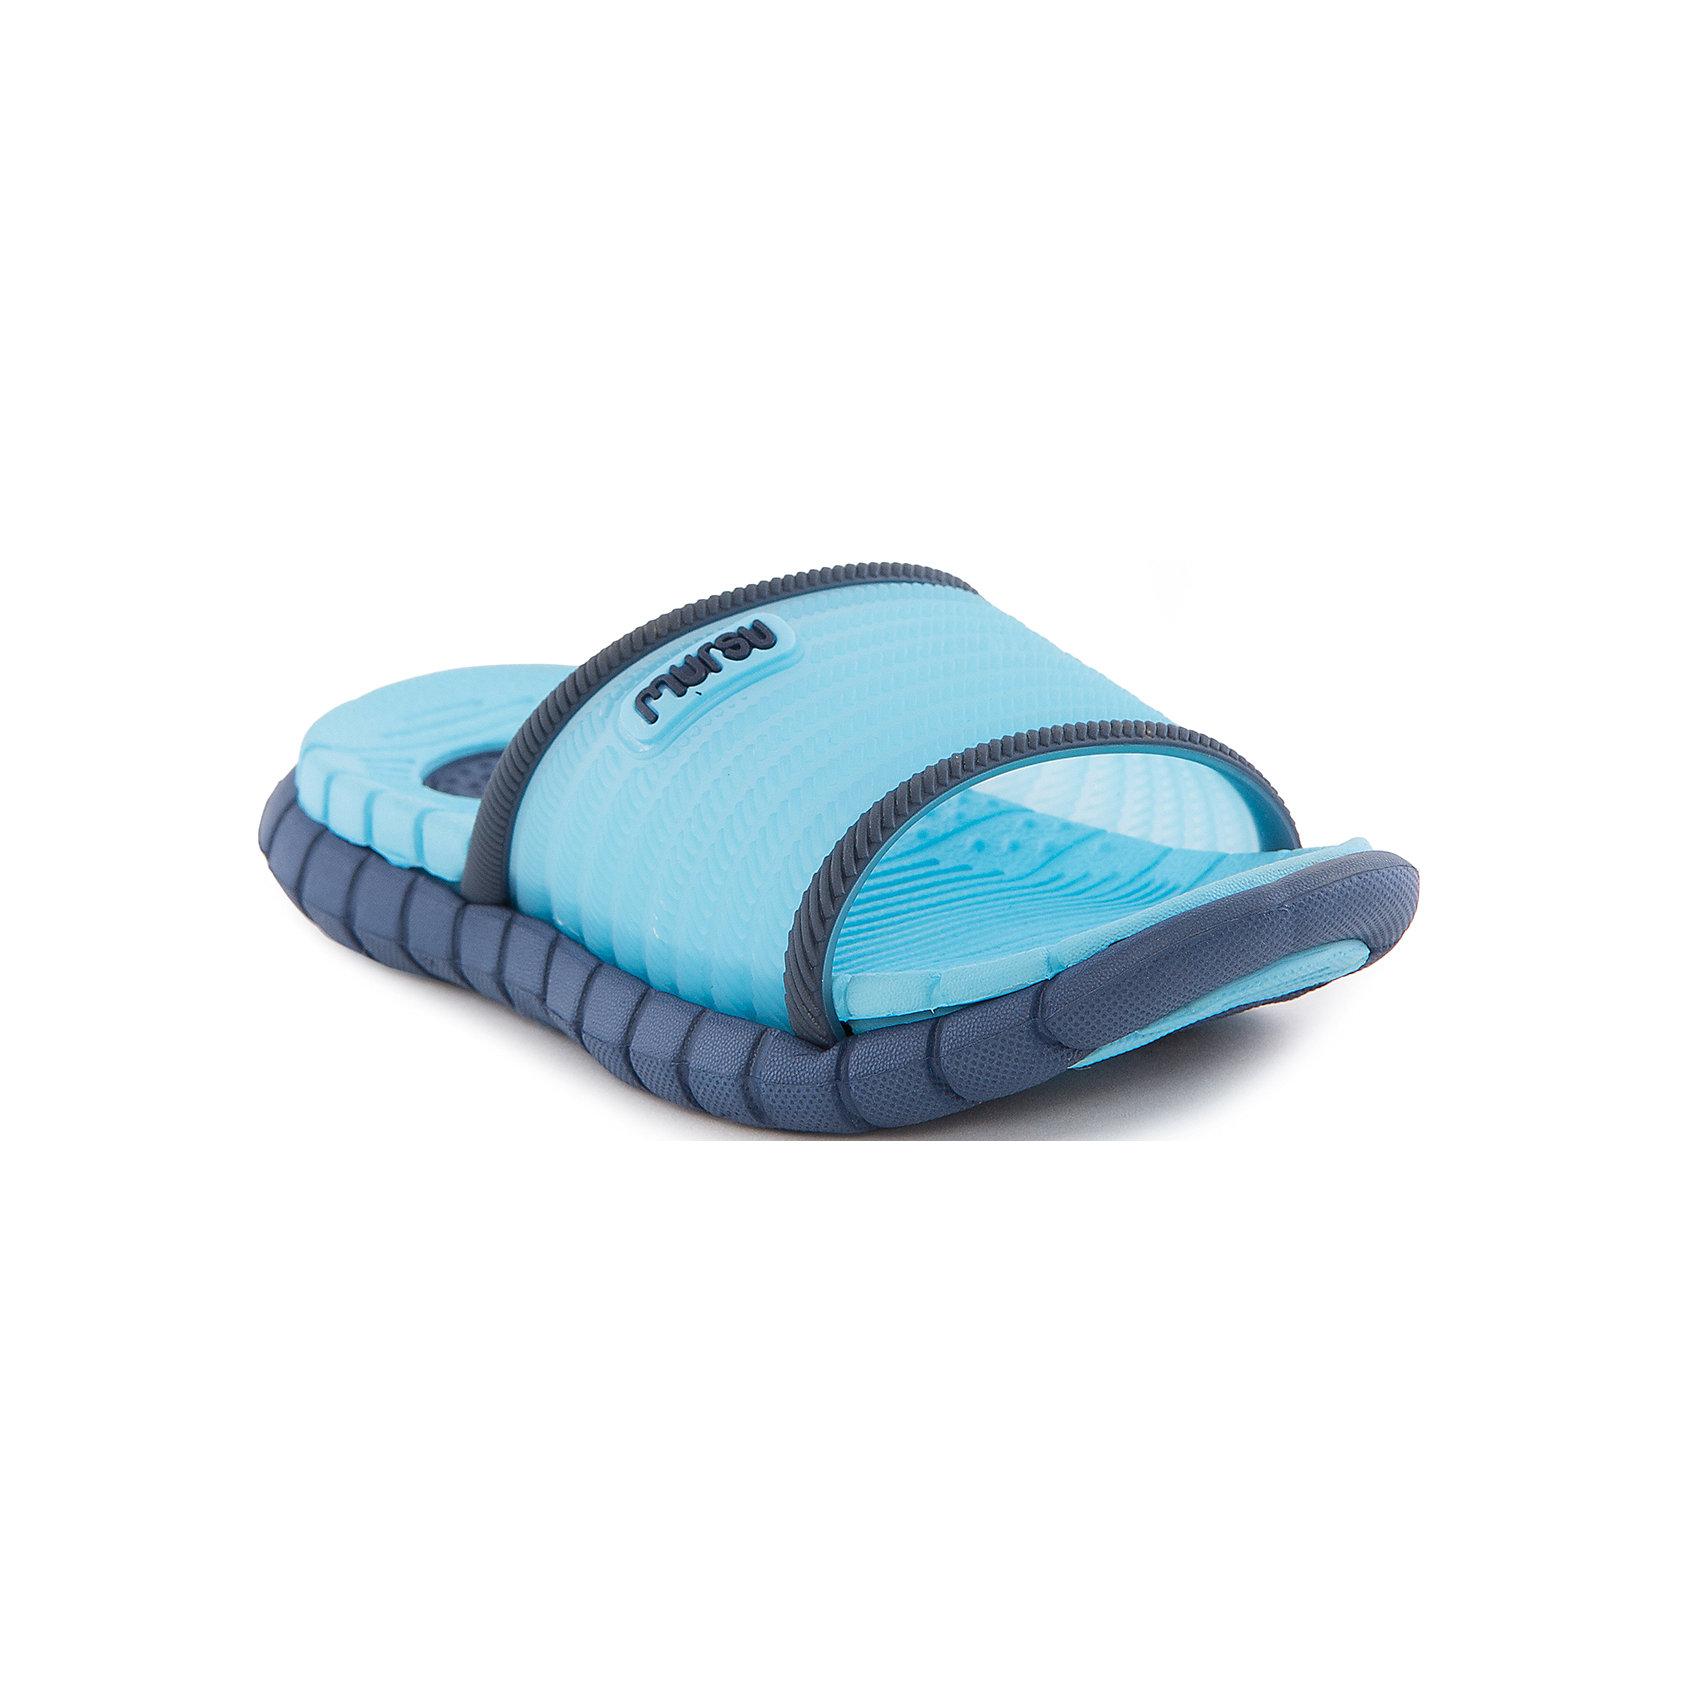 Сабо  MURSUХарактеристики товара:<br><br>• цвет: голубой<br>• материал верха: ПВХ, ЭВА<br>• нескользящая удобная подошва<br>• застежка: нет<br>• страна бренда: Финляндия<br>• страна изготовитель: Китай<br><br>Обувь для детей всегда должна быть подобрана особенно тщательно! Хорошая обувь, особенно повседневная, должна обеспечивать правильное положение ноги и быть прочной. Такие сабо от известного финского бренда обеспечат ребенку необходимый уровень комфорта. Обувь легкая, она без труда надевается и снимается, отлично сидит на ноге. <br>Продукция от бренда MURSU - это качественные товары, созданные с применением новейших технологий. При производстве используются только проверенные сертифицированные материалы. Обувь отличается модным дизайном и продуманной конструкцией. Изделие производится из качественных и проверенных материалов, которые безопасны для детей.<br><br>Сабо для девочки от бренда MURSU (Мурсу) можно купить в нашем интернет-магазине.<br><br>Ширина мм: 225<br>Глубина мм: 139<br>Высота мм: 112<br>Вес г: 290<br>Цвет: розовый<br>Возраст от месяцев: 84<br>Возраст до месяцев: 96<br>Пол: Унисекс<br>Возраст: Детский<br>Размер: 31,32,34,35,33,30<br>SKU: 4513140